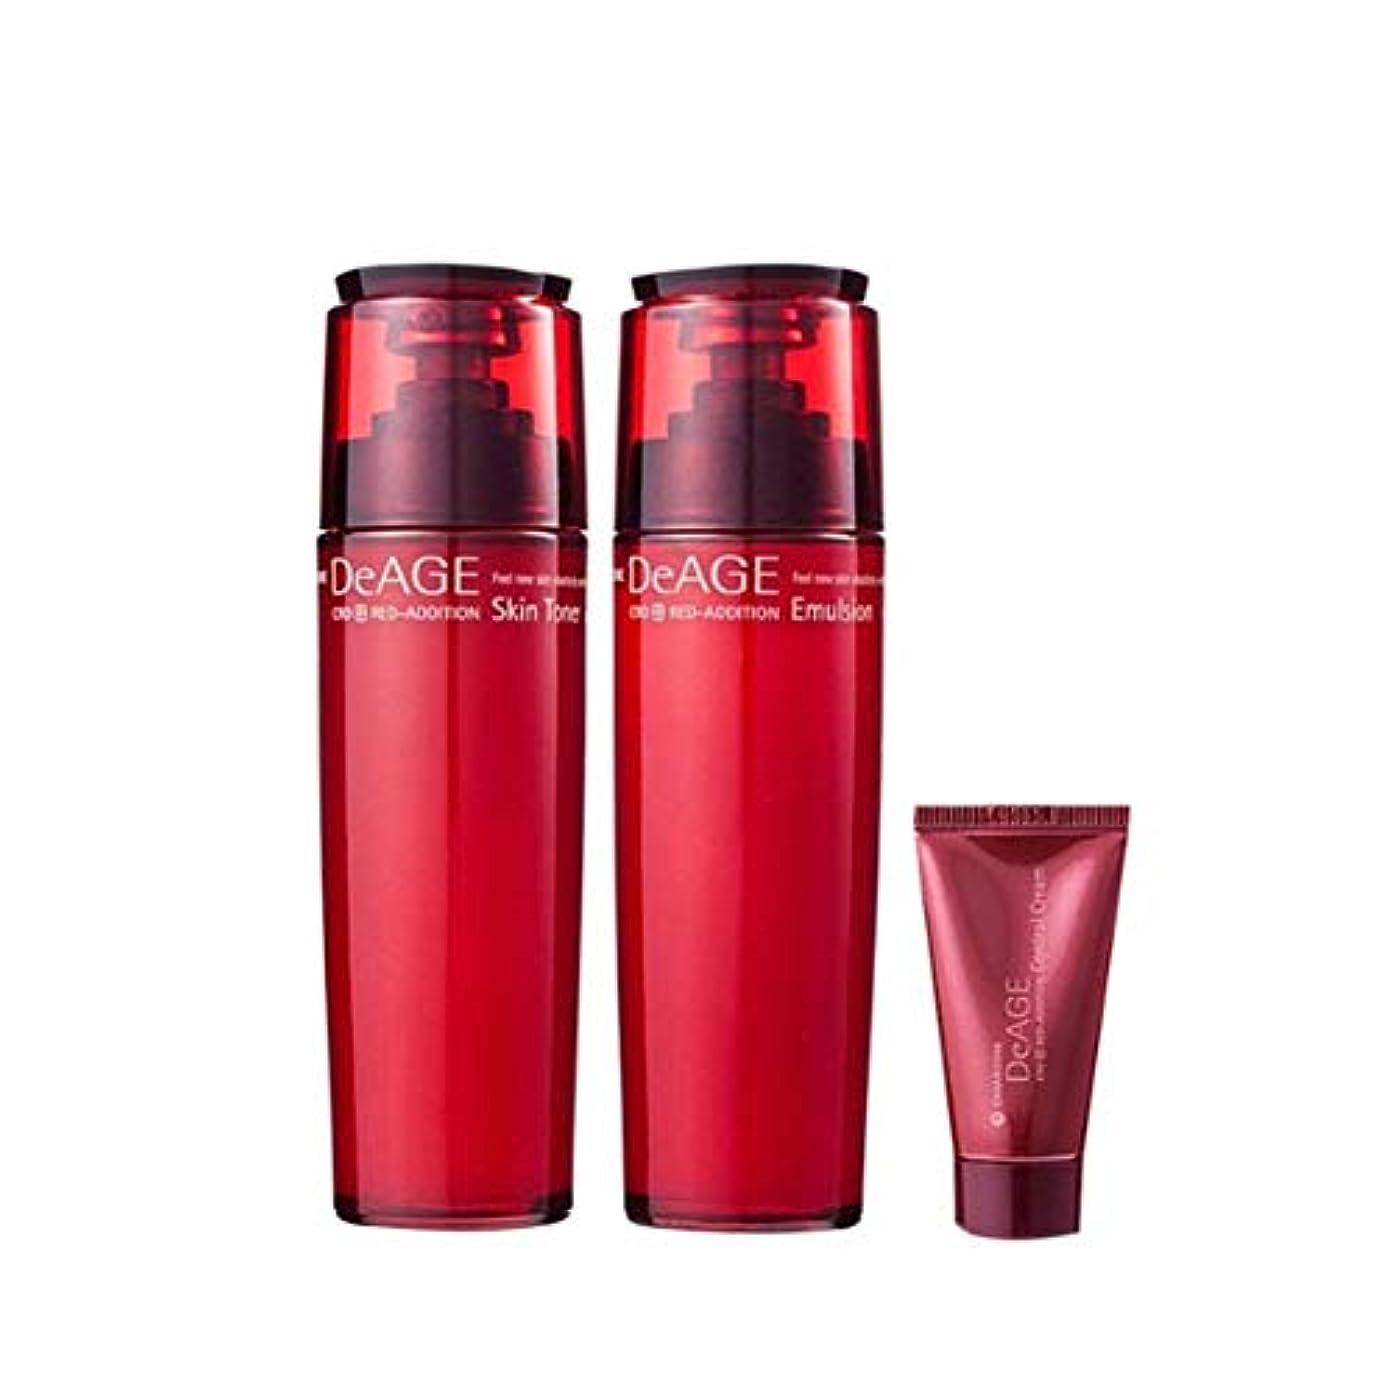 メイトあざタバコチャムジョンディエイジレッドエディションセット(スキントナー130ml、エマルジョン130ml、コントロールクリーム15ml)、Charmzone DeAGE Red Addition Set(Skin Toner 130ml...